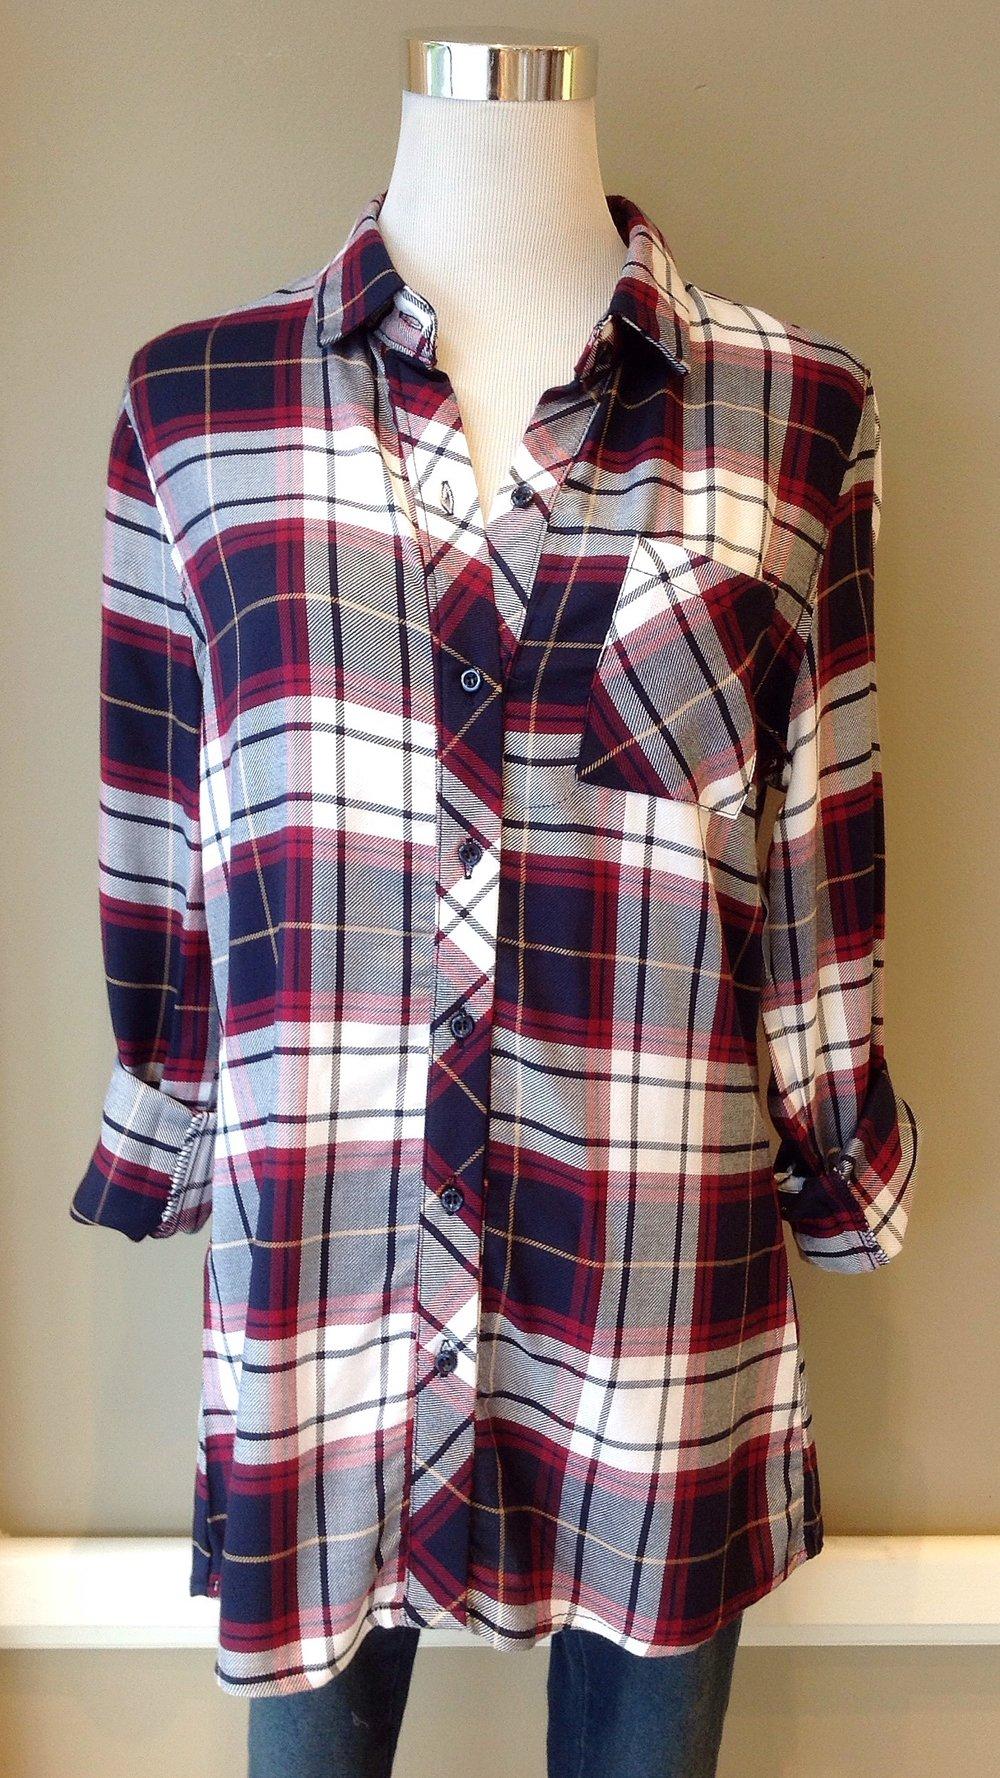 Woven rayon plaid shirt, $34